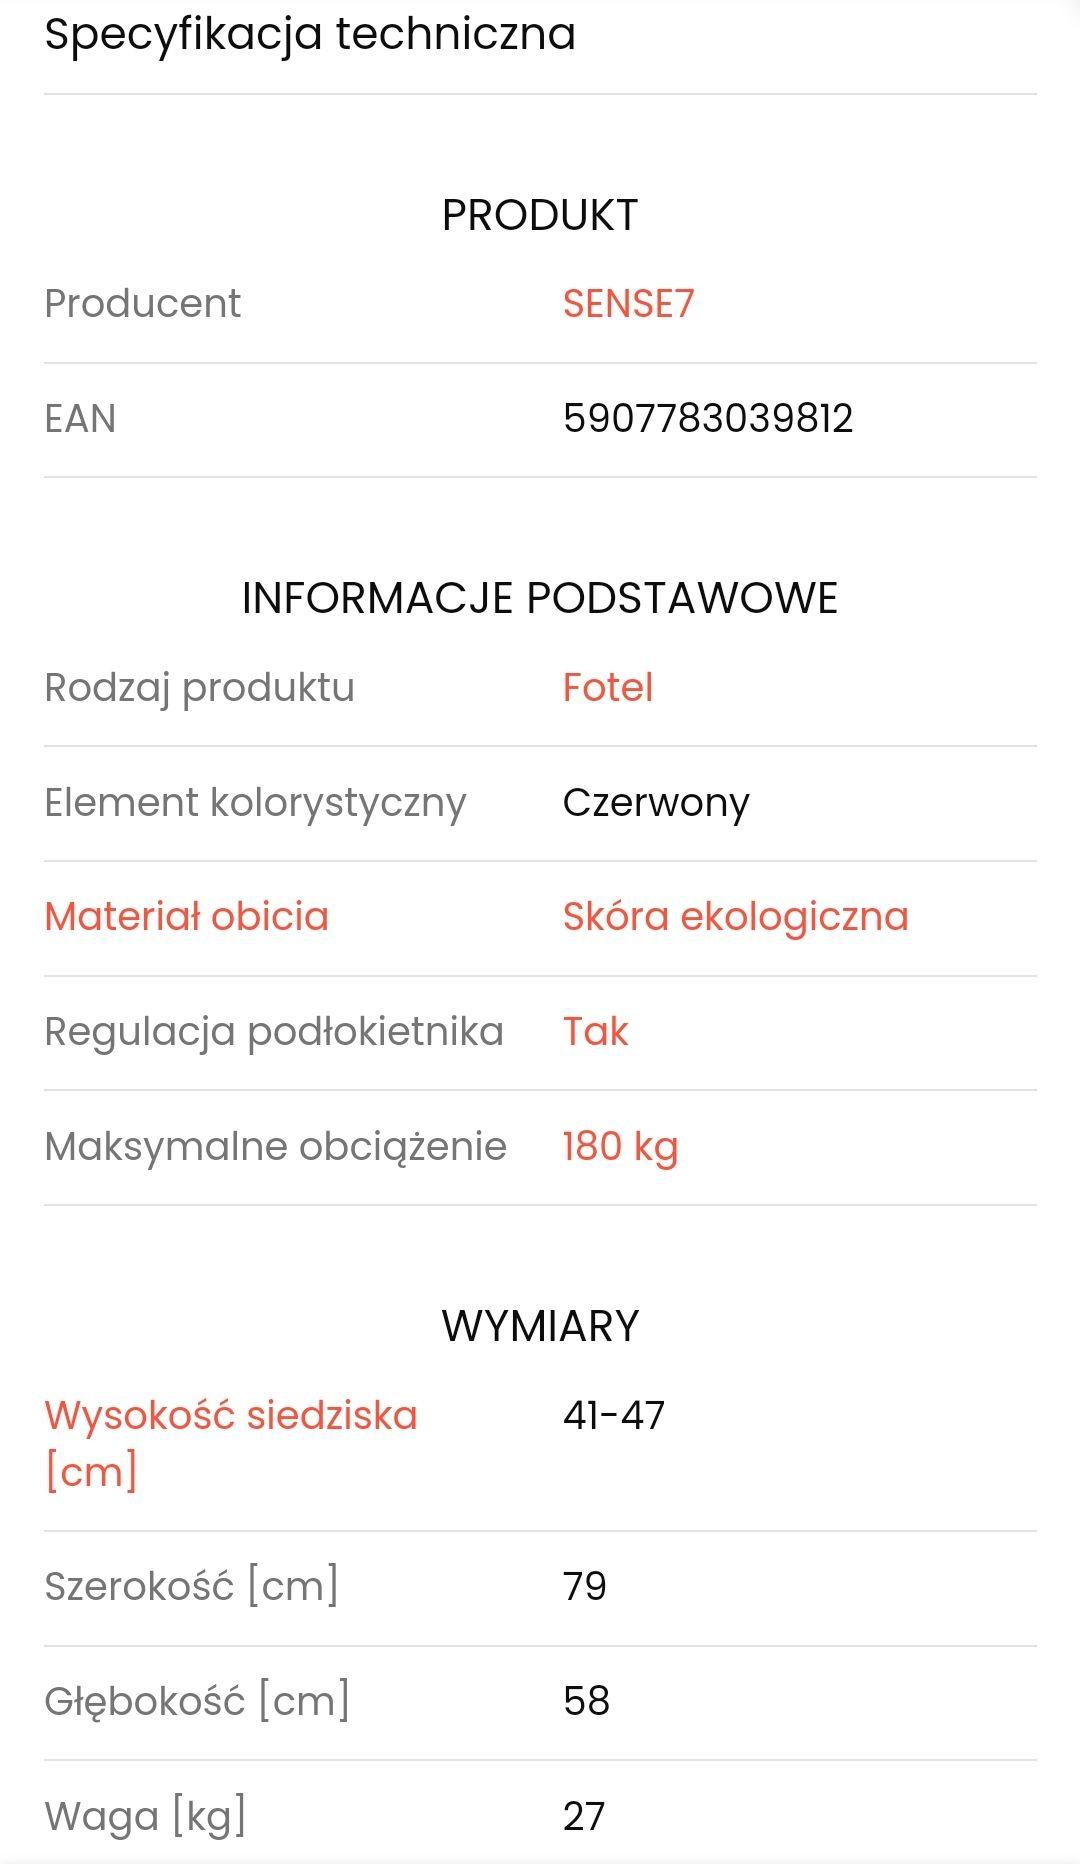 397834-Yr1Et.jpg